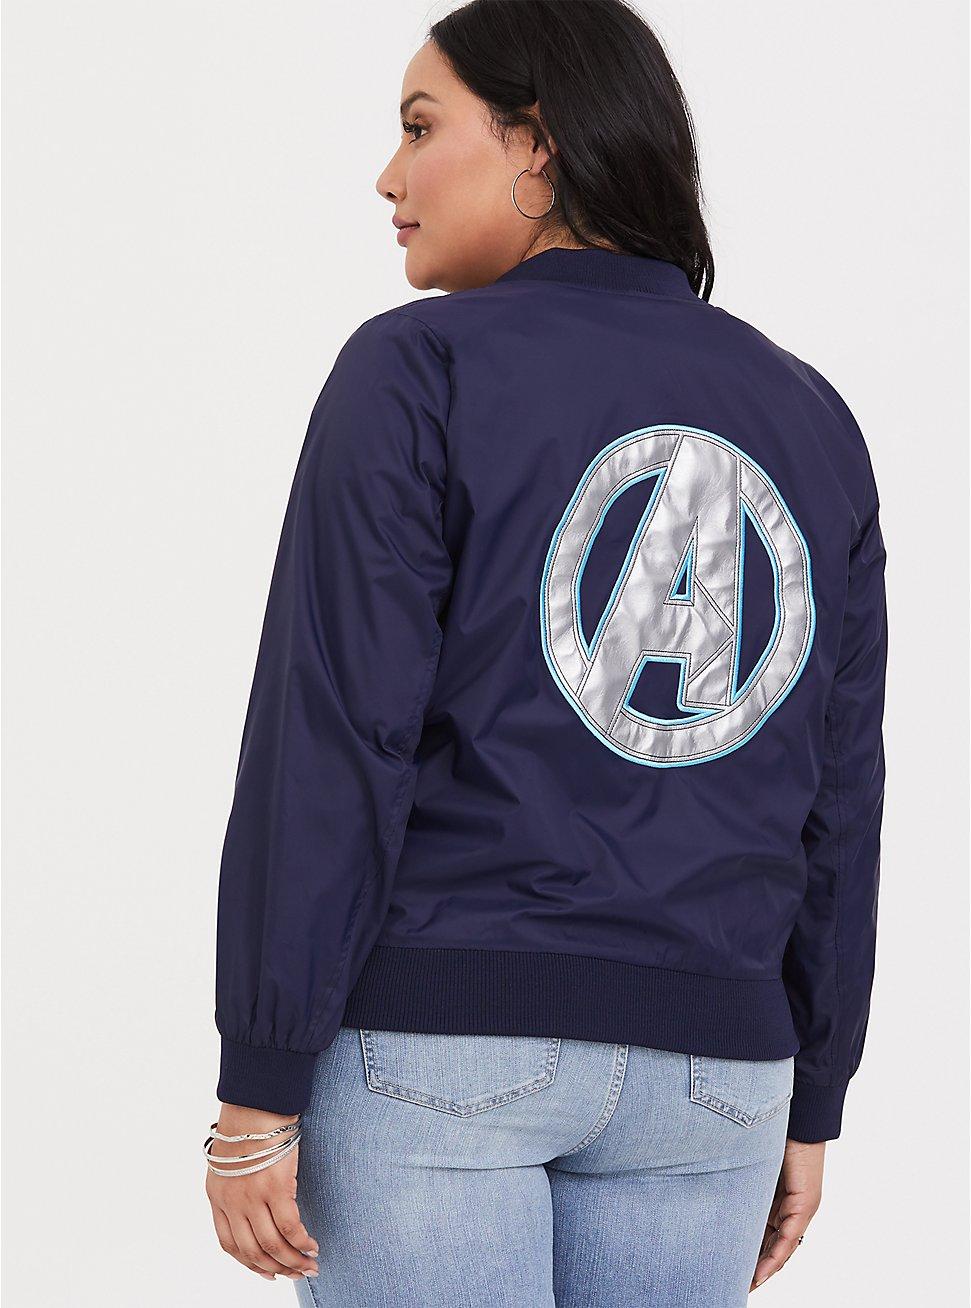 Her Universe Marvel Avengers Endgame Bomber Jacket, BROWN, hi-res